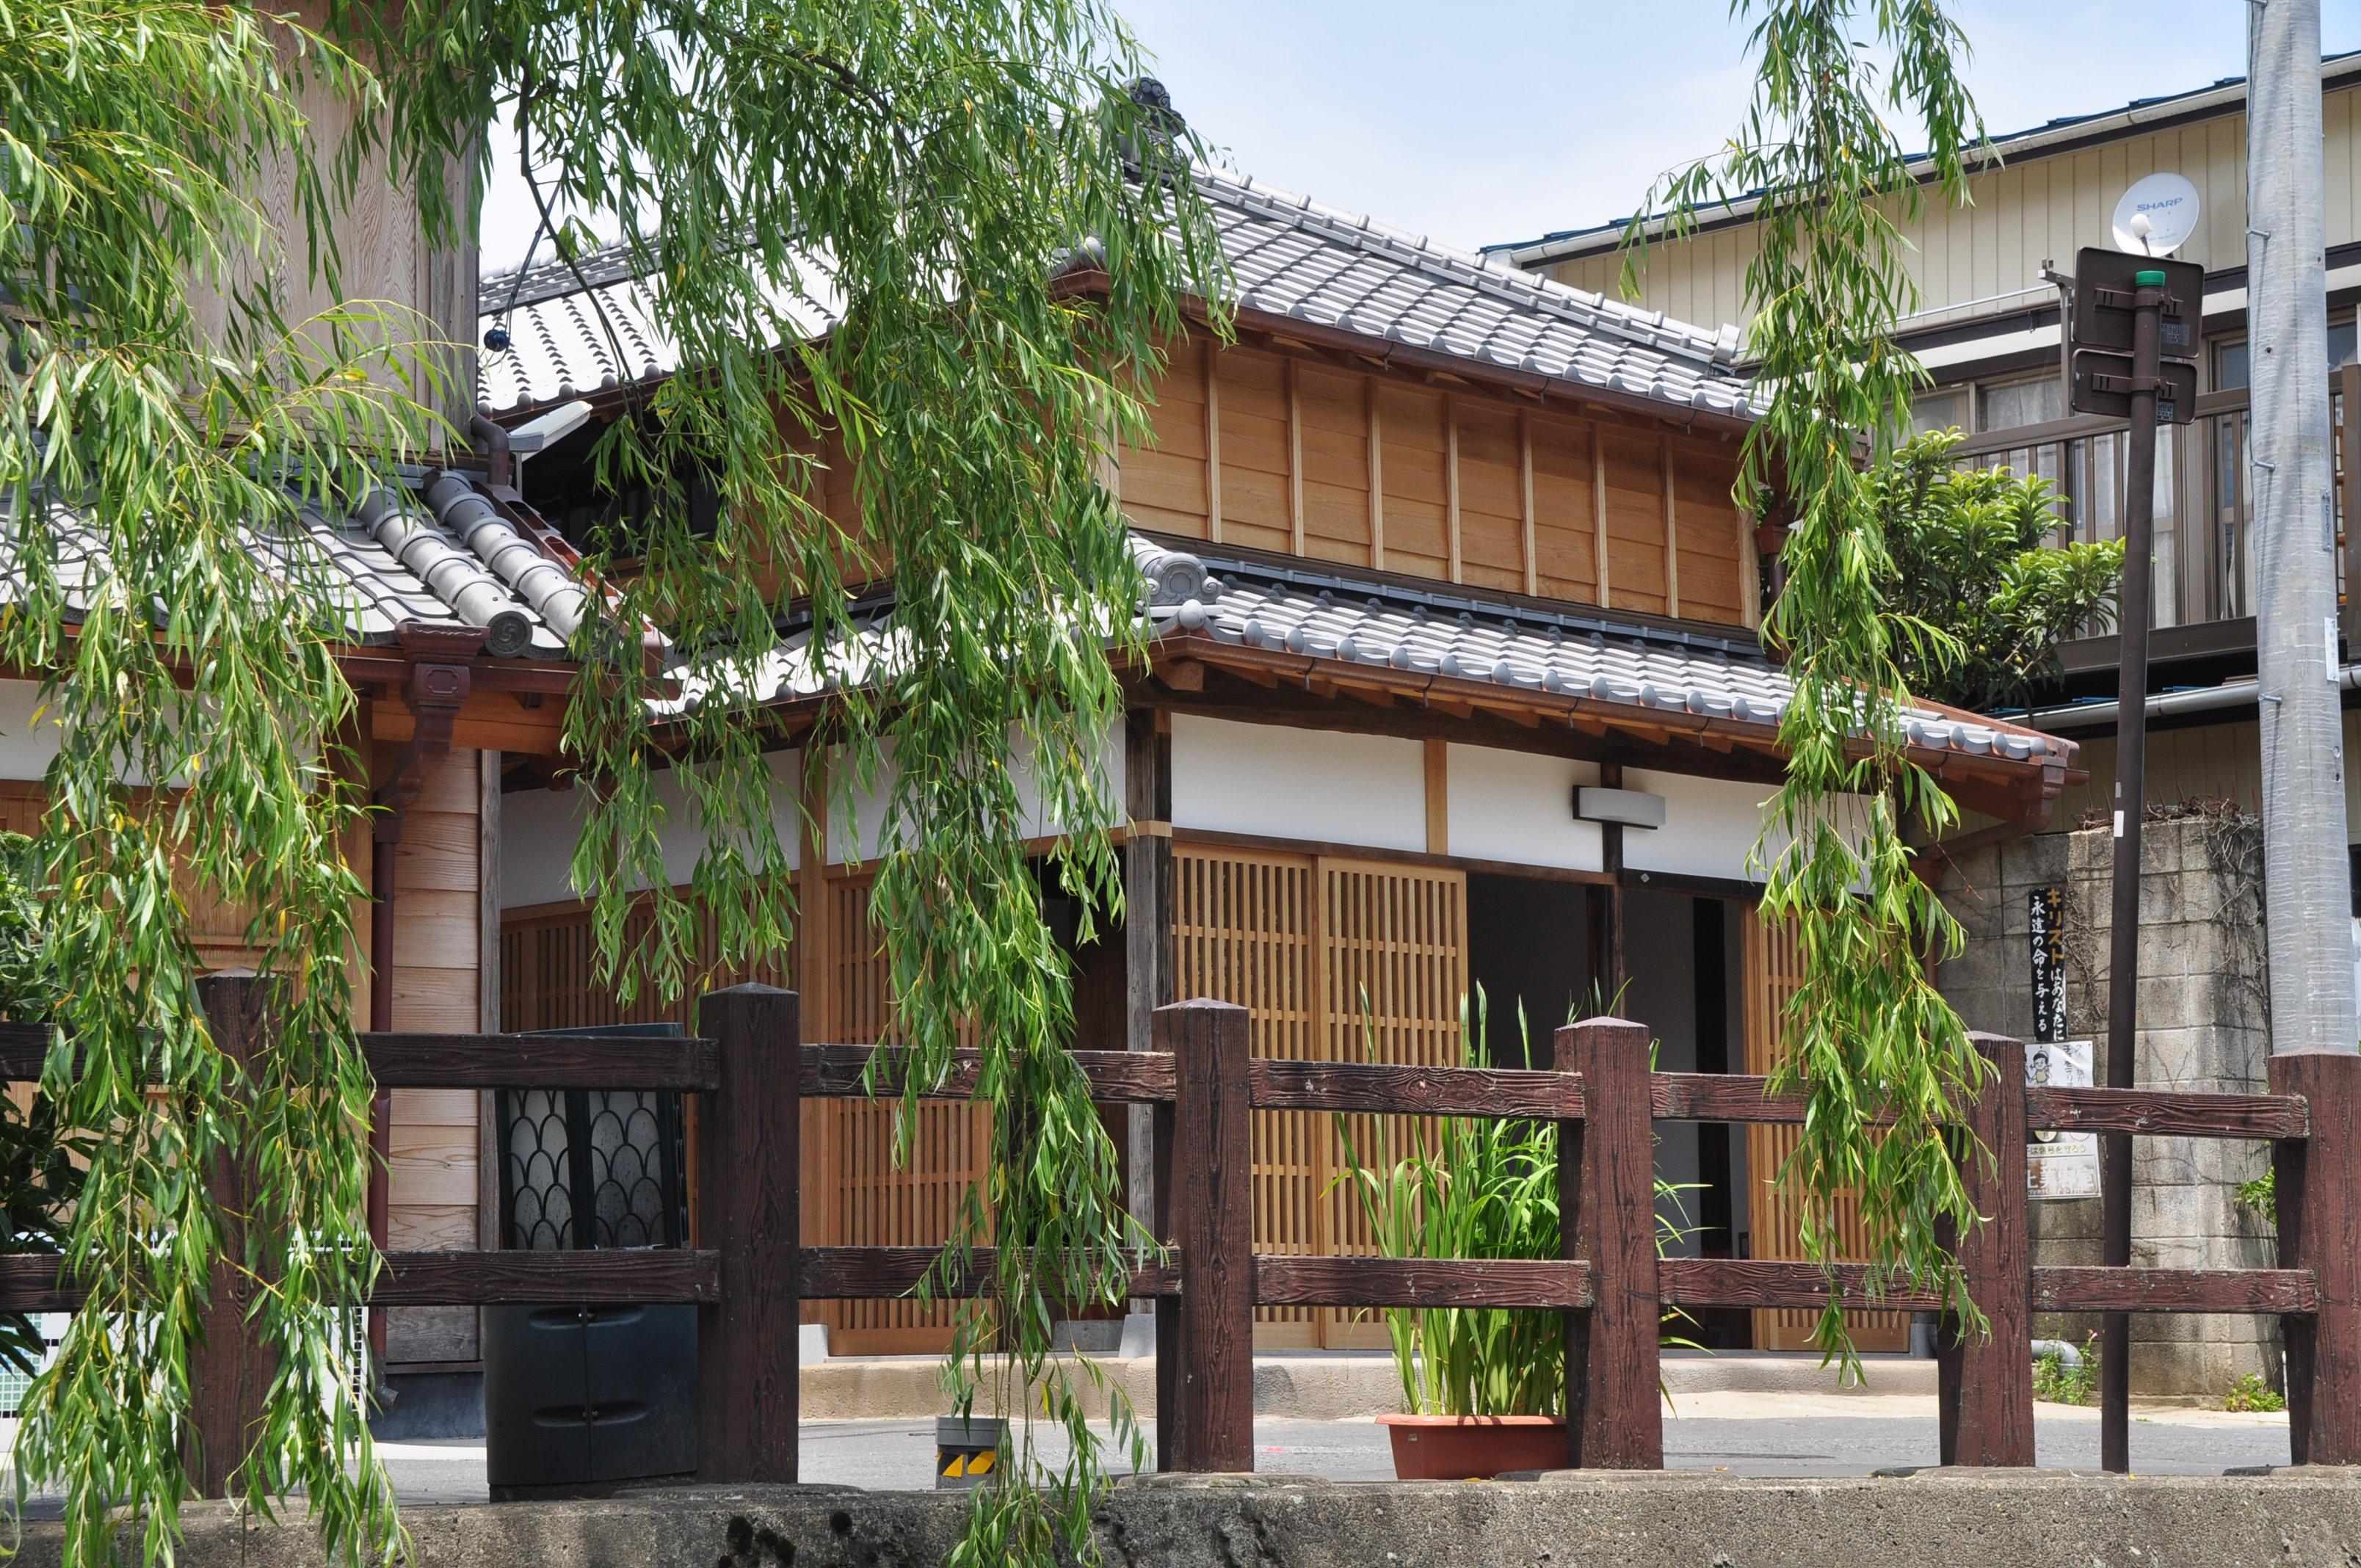 http://ud.t.u-tokyo.ac.jp/blog/_images/DSC_2571.JPG